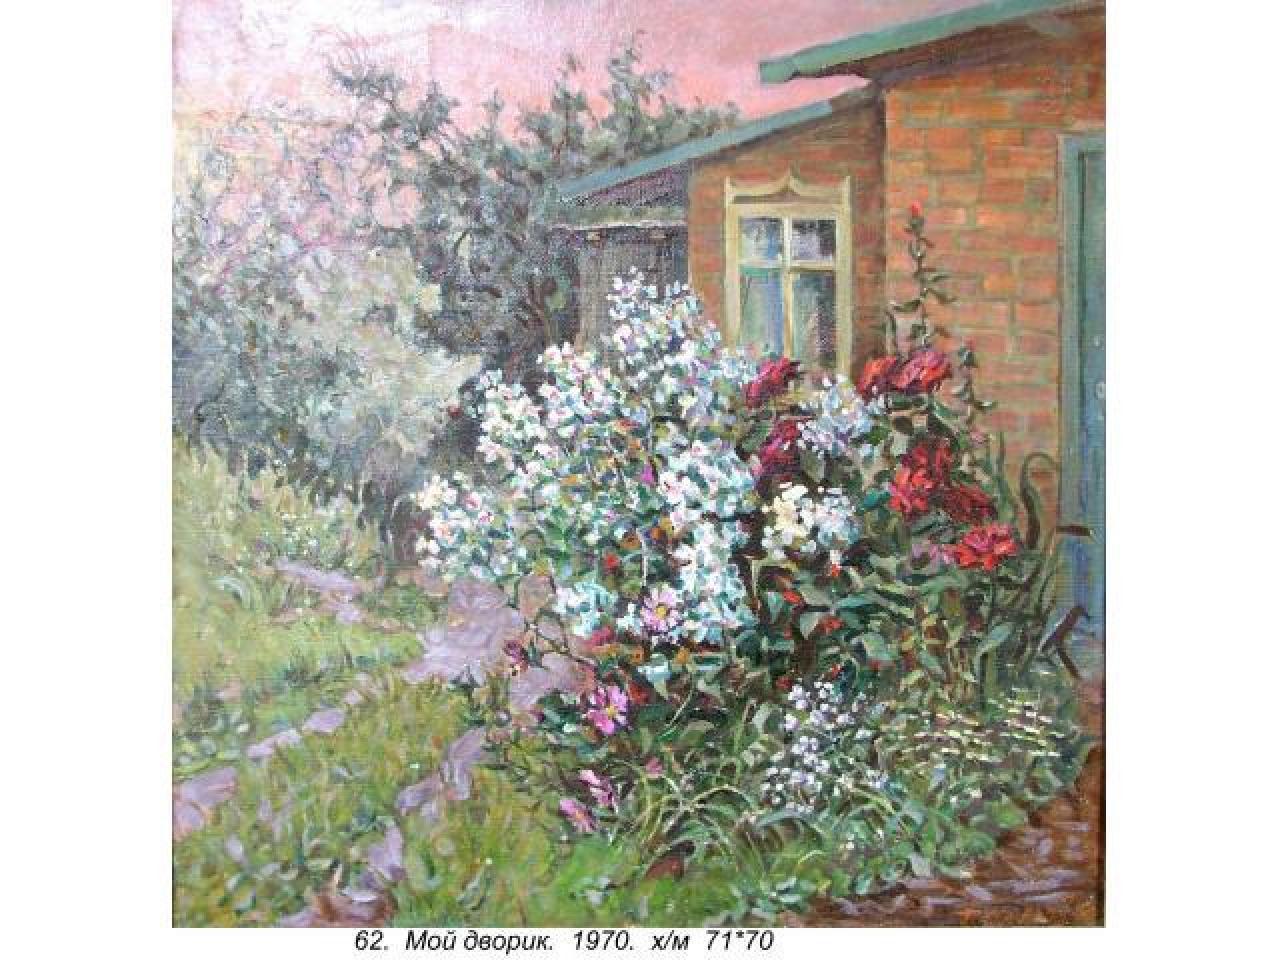 продам живописные картины соцреализма (более 500 шт.) Мальцева П,Н, - 8